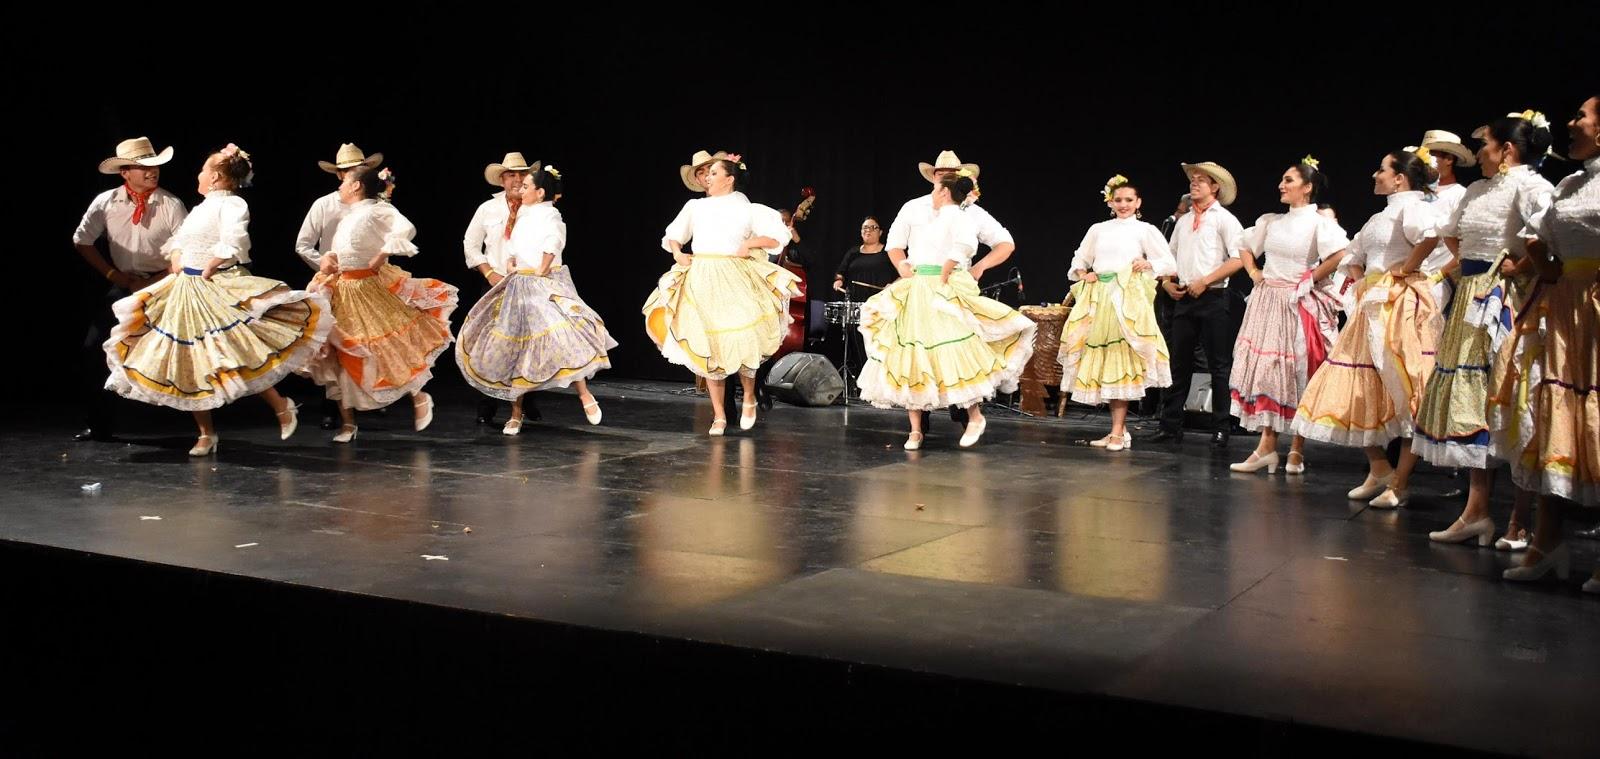 Compañía de Danza Folklórica de Chihuahua se presentará con ¡Arriba el norte...! Y a ver quién pega un grito en Bellas Artes